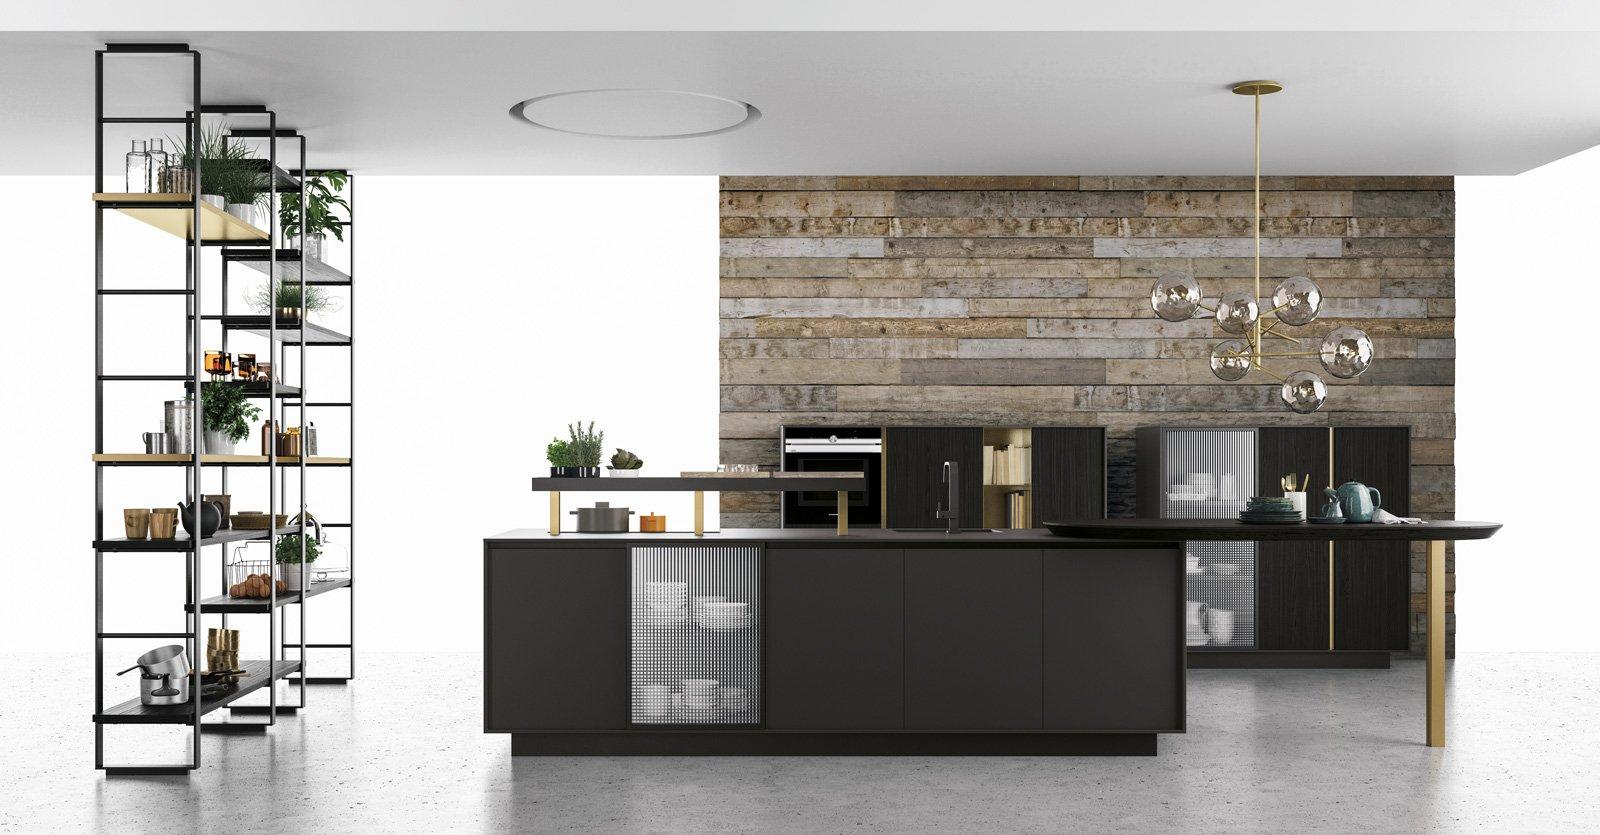 Piani di lavoro innovativi per la cucina cose di casa - Cucine salone del mobile 2017 ...